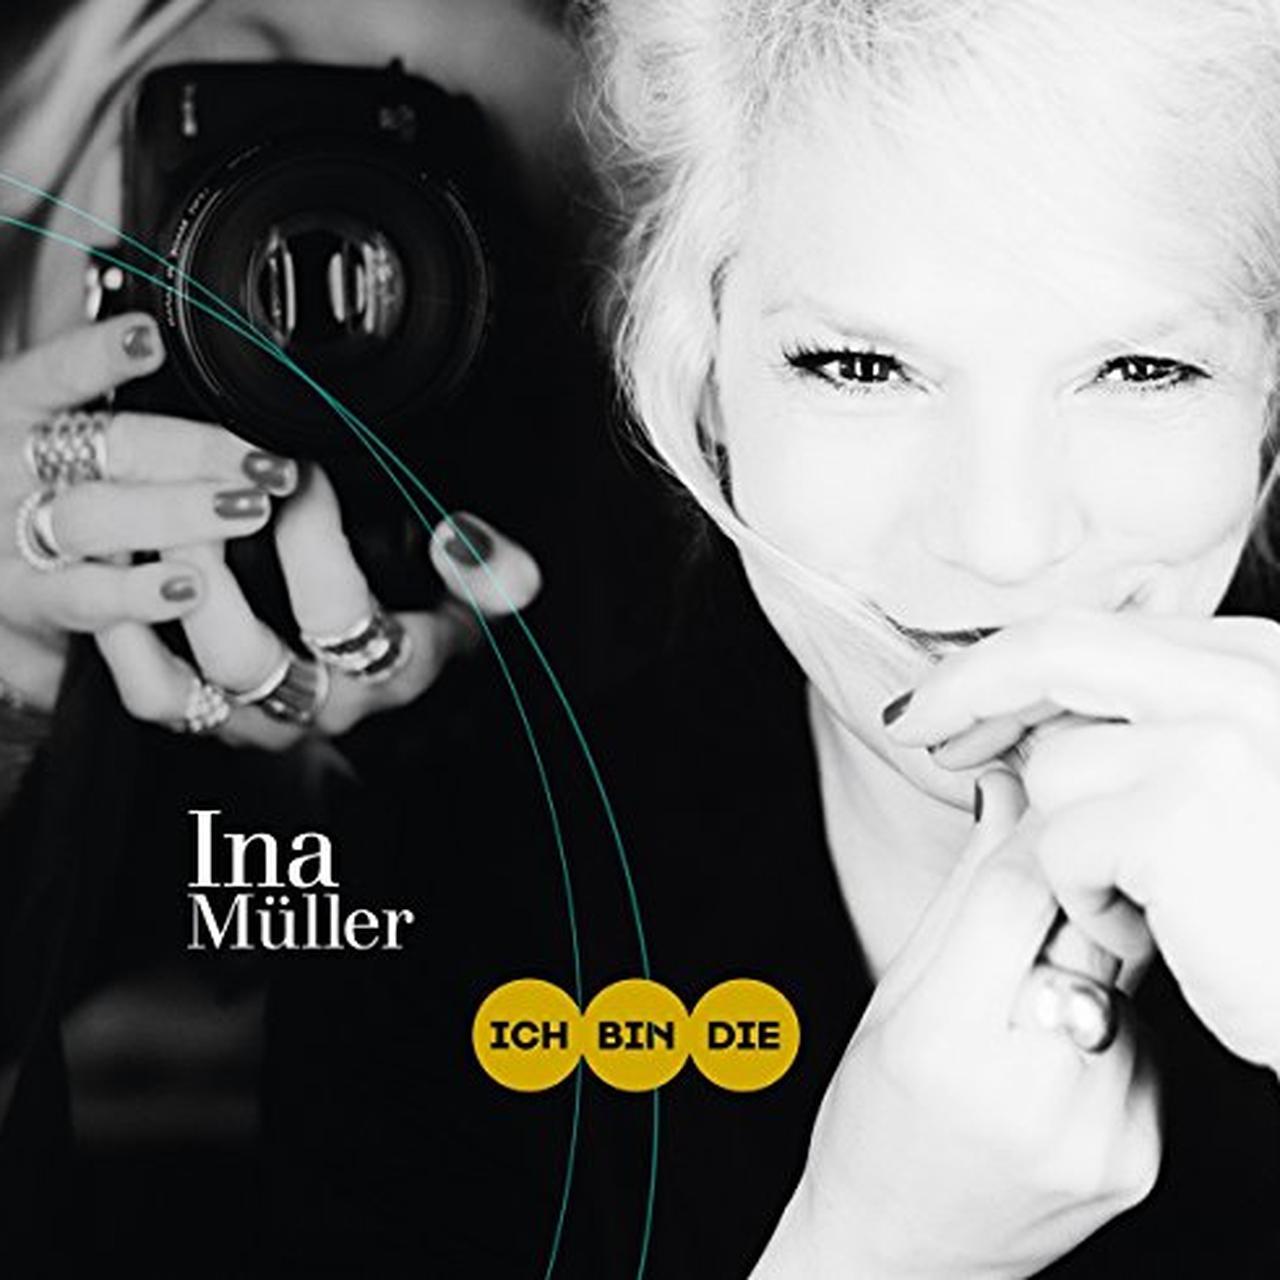 Ina Mueller Ich Bin Die Vinyl Record